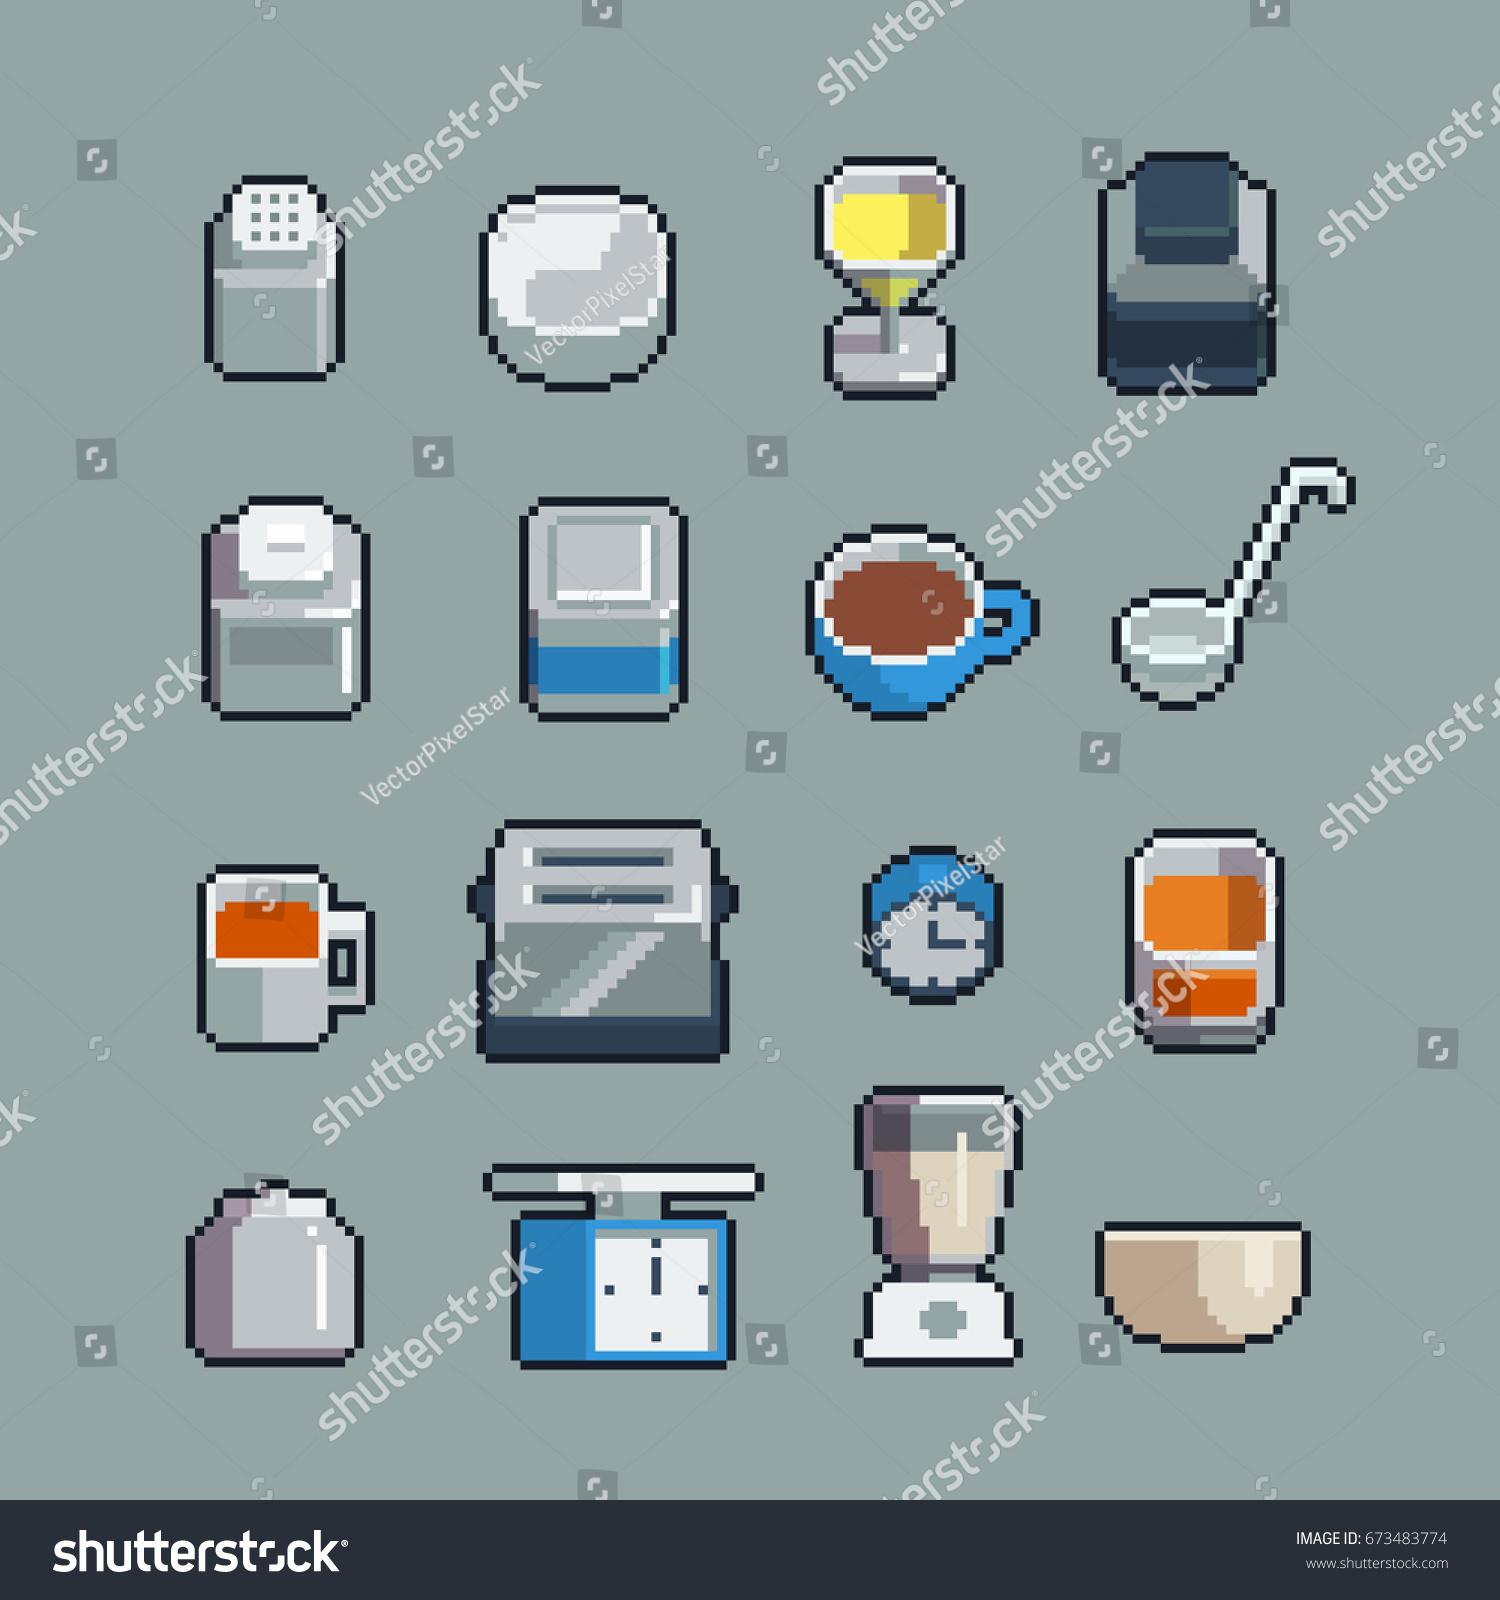 Pixel Art Kitchen Utensils Tools Vector Stock Vector (Royalty Free ...